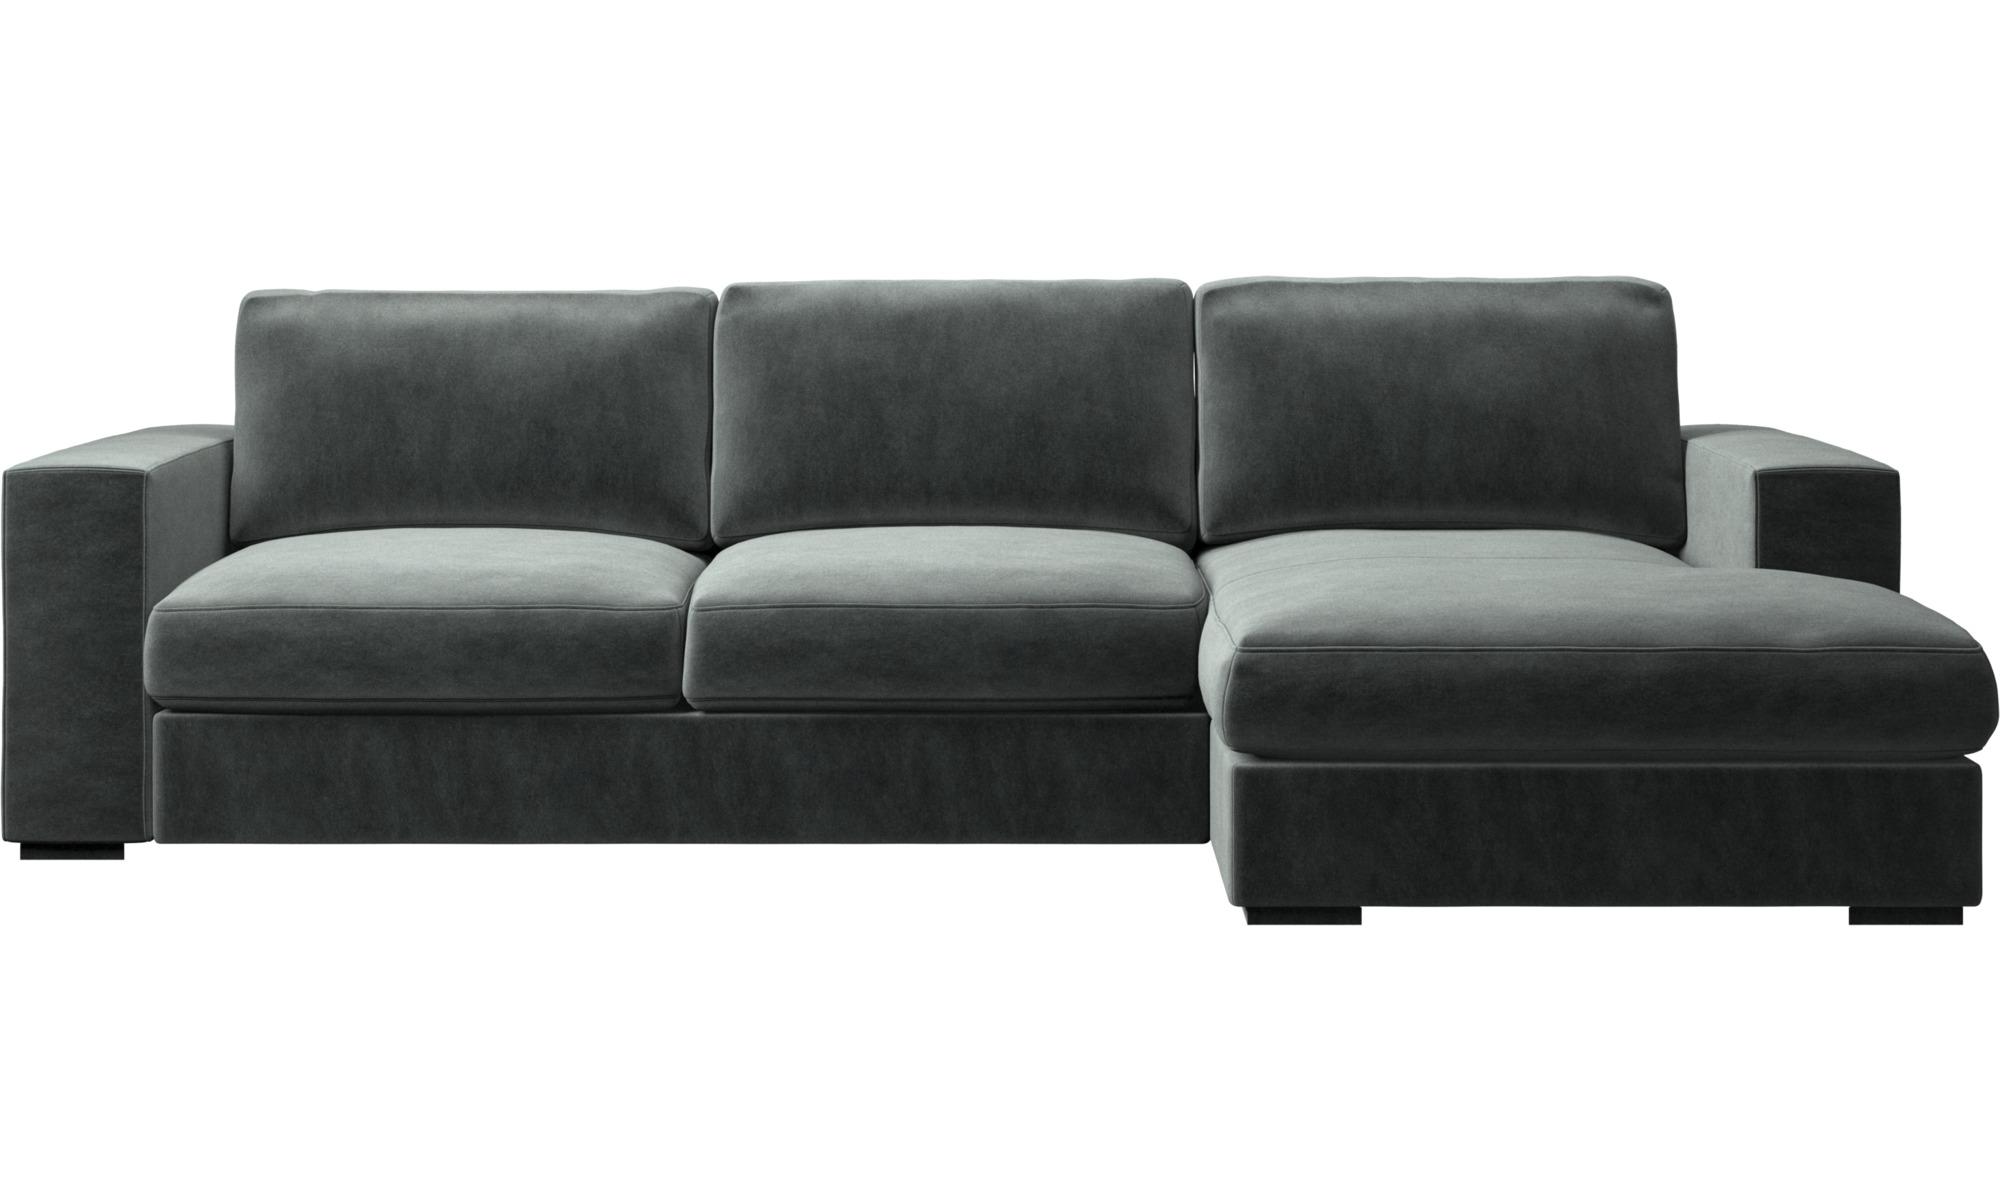 Chaise Longue Sofas Cenova Sofa With